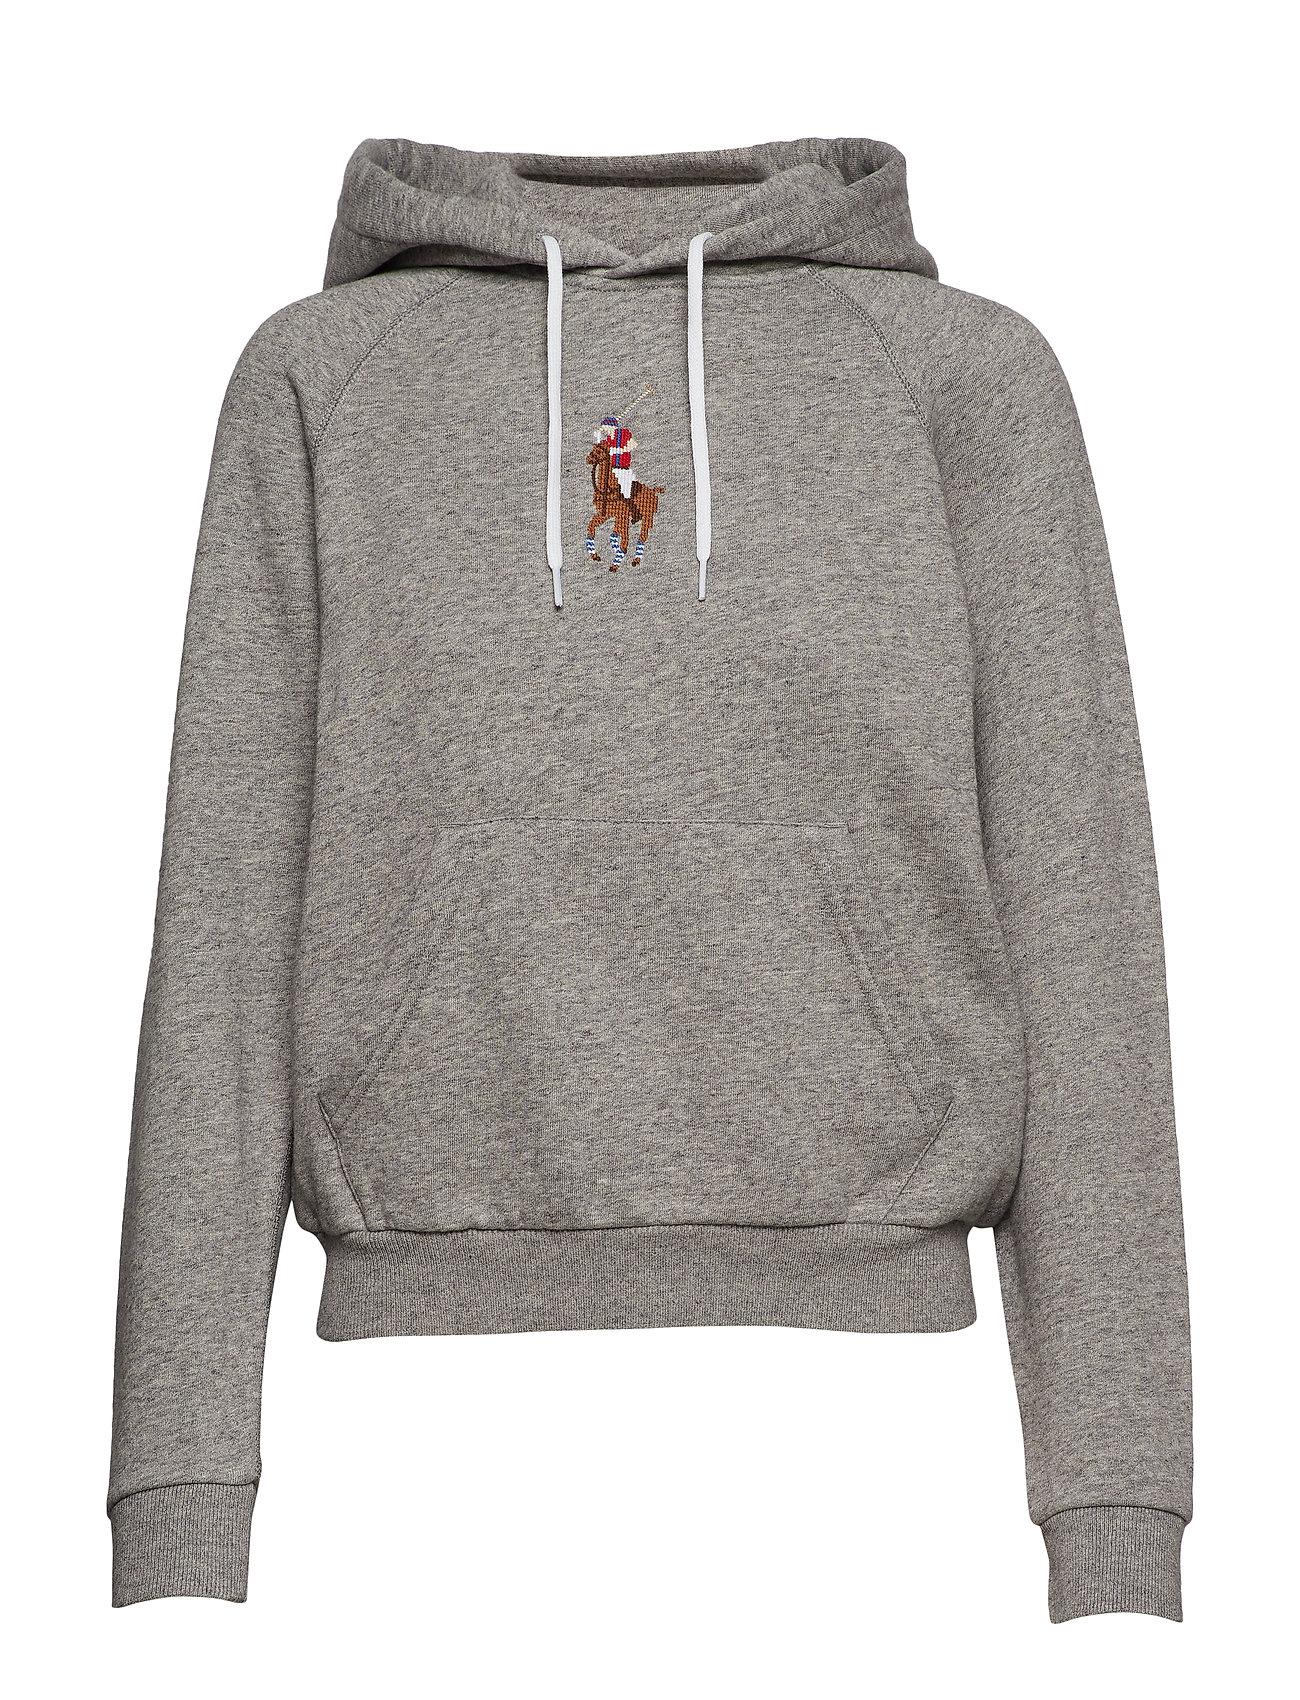 Polo Ralph Lauren Pony Fleece Hoodie - DARK VINTAGE HEAT